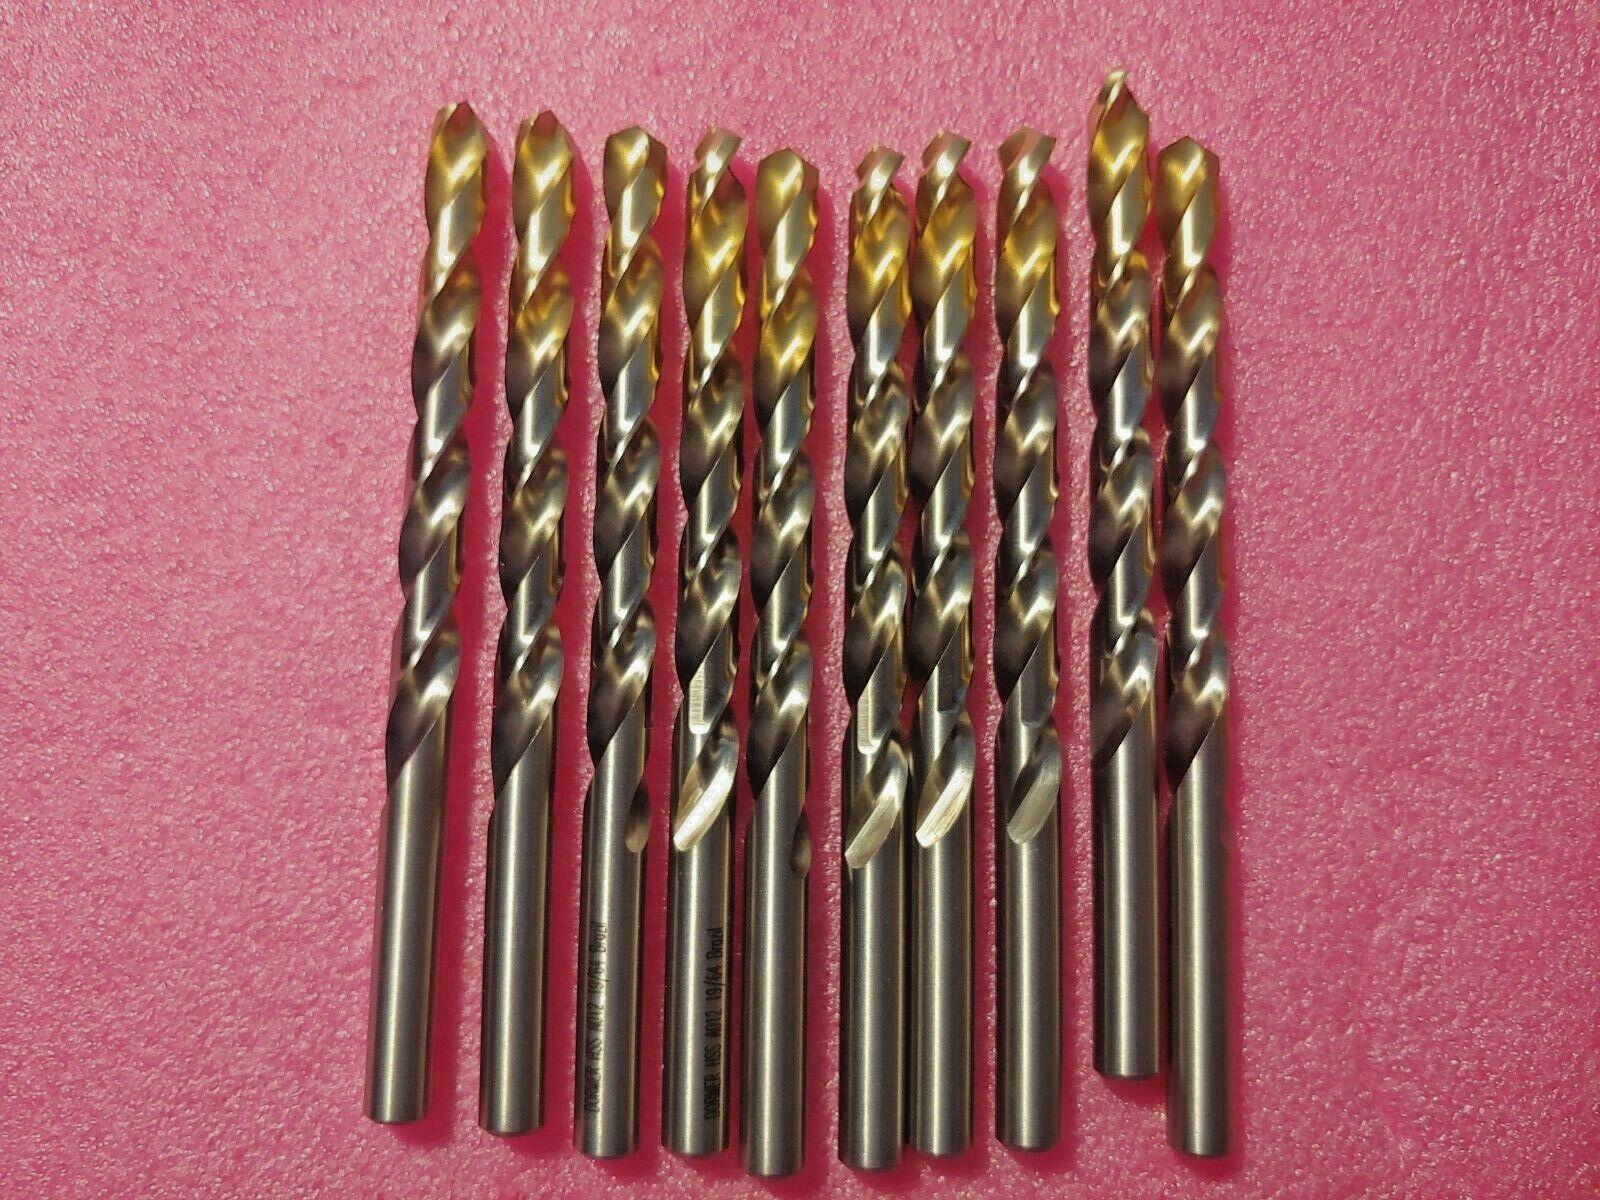 TiN COATED JOBBER DRILL BIT HSS M2 A002 19//64 DORMER  141 7.54mm 3 x 19//64